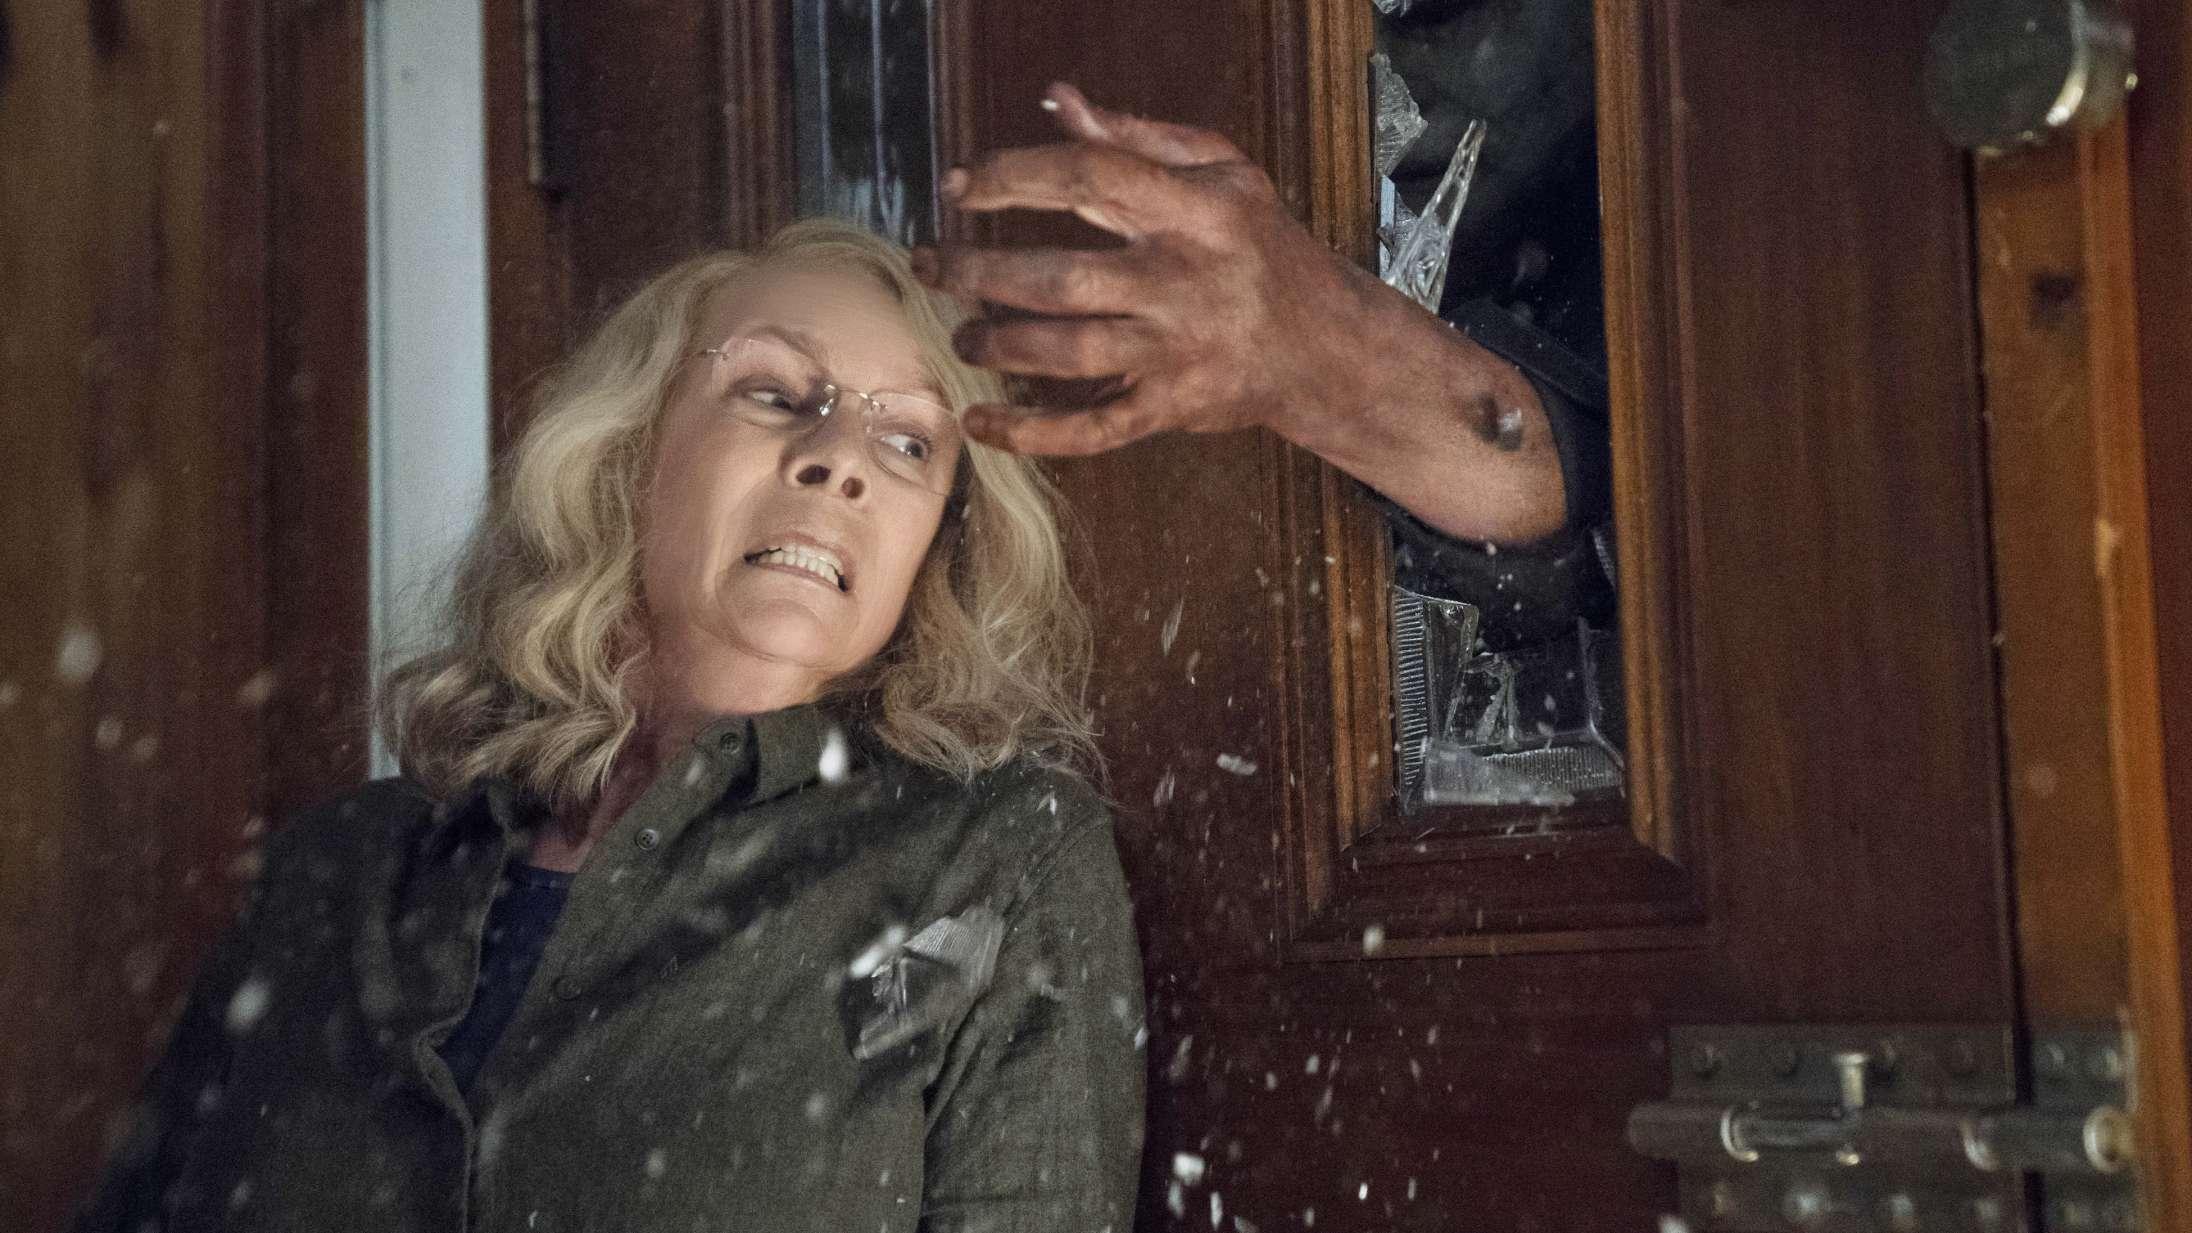 Horrorfilmens Final Girl er kommet langt, siden hun slap med livet i behold for over 40 år siden